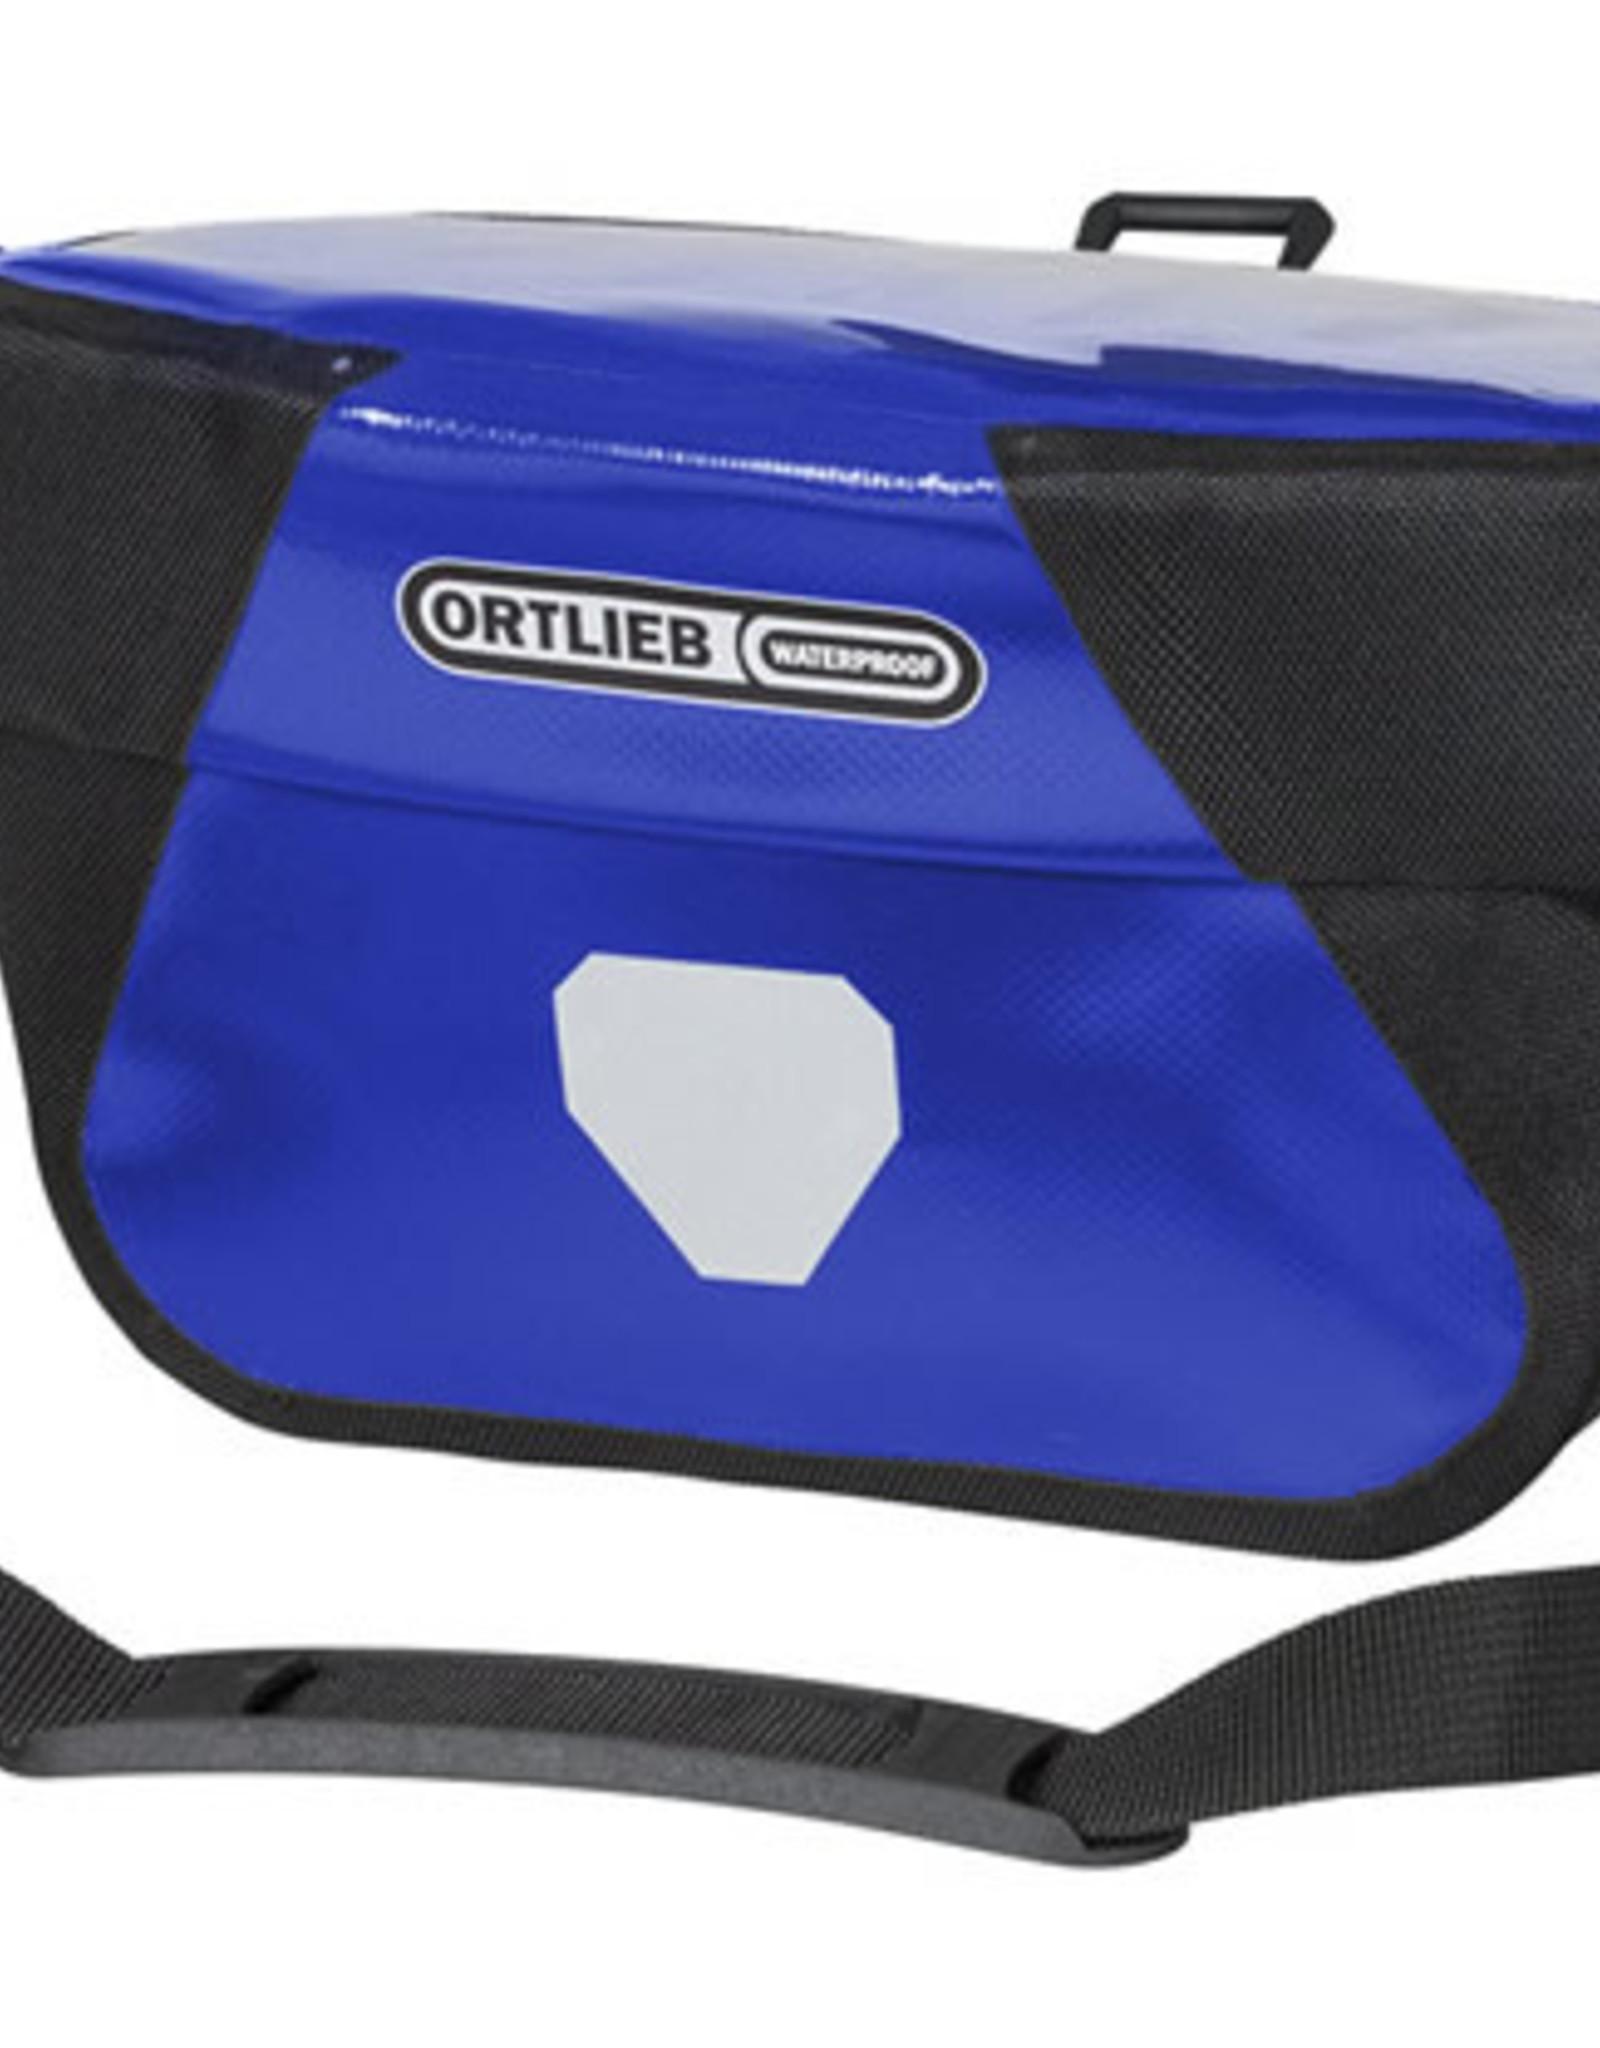 Ortlieb Sportartikel GmbH Ortlieb Ultimate 6 S Classic 5L